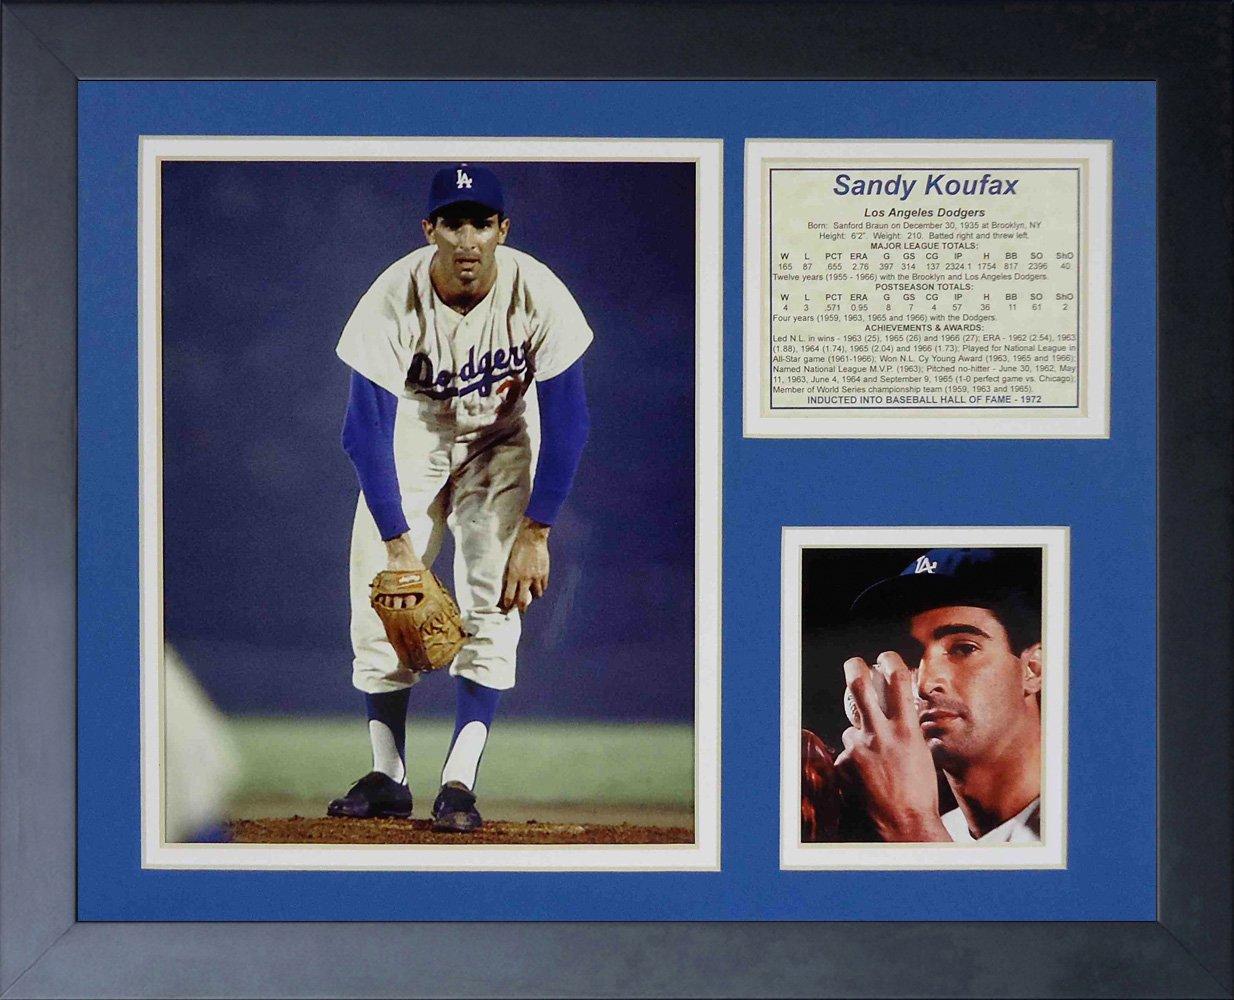 Legends Never Die Sandy Koufax Framed Photo Collage, 11 x 14-Inch 11203U